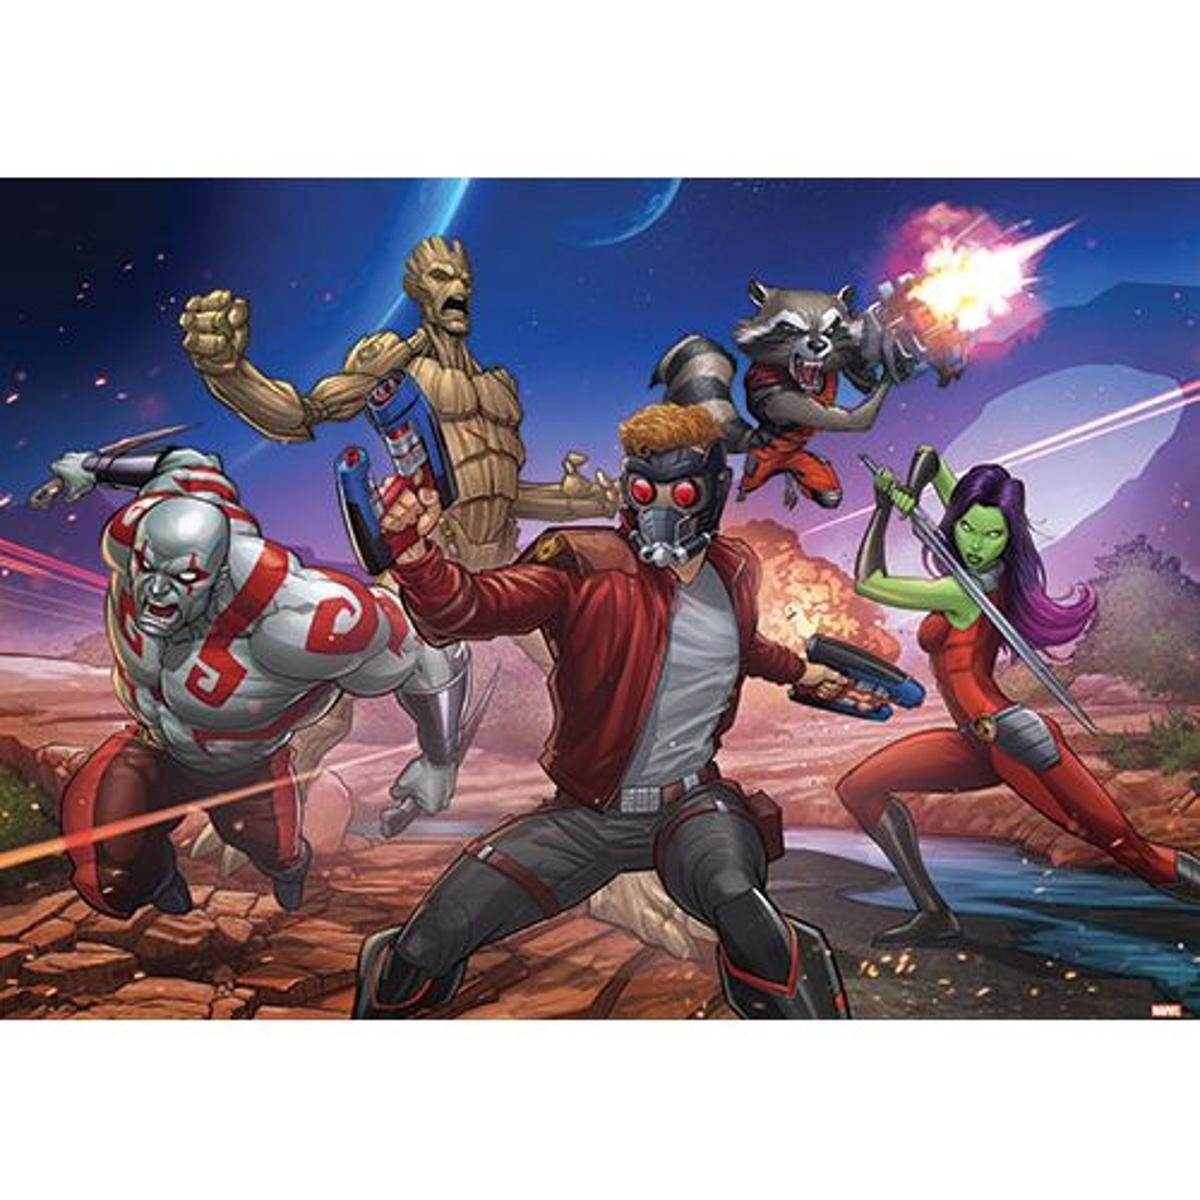 papier peint Marvel Les gardiens de la galaxie - 312 x 219 cm